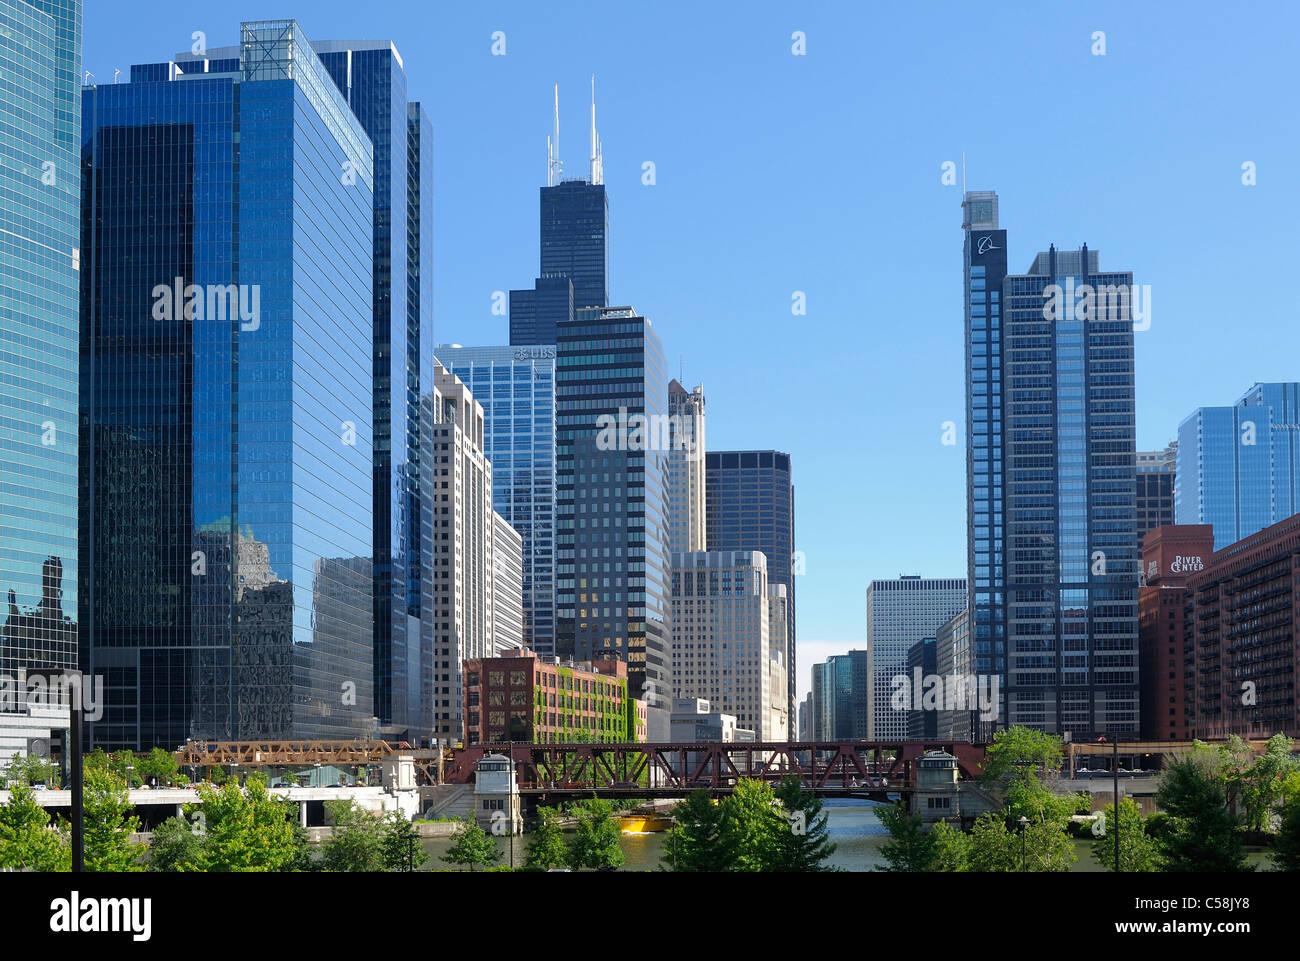 Puente, el río de Chicago, el centro de Chicago, Illinois, EE.UU., Estados Unidos, América, ciudad, rascacielos, Imagen De Stock